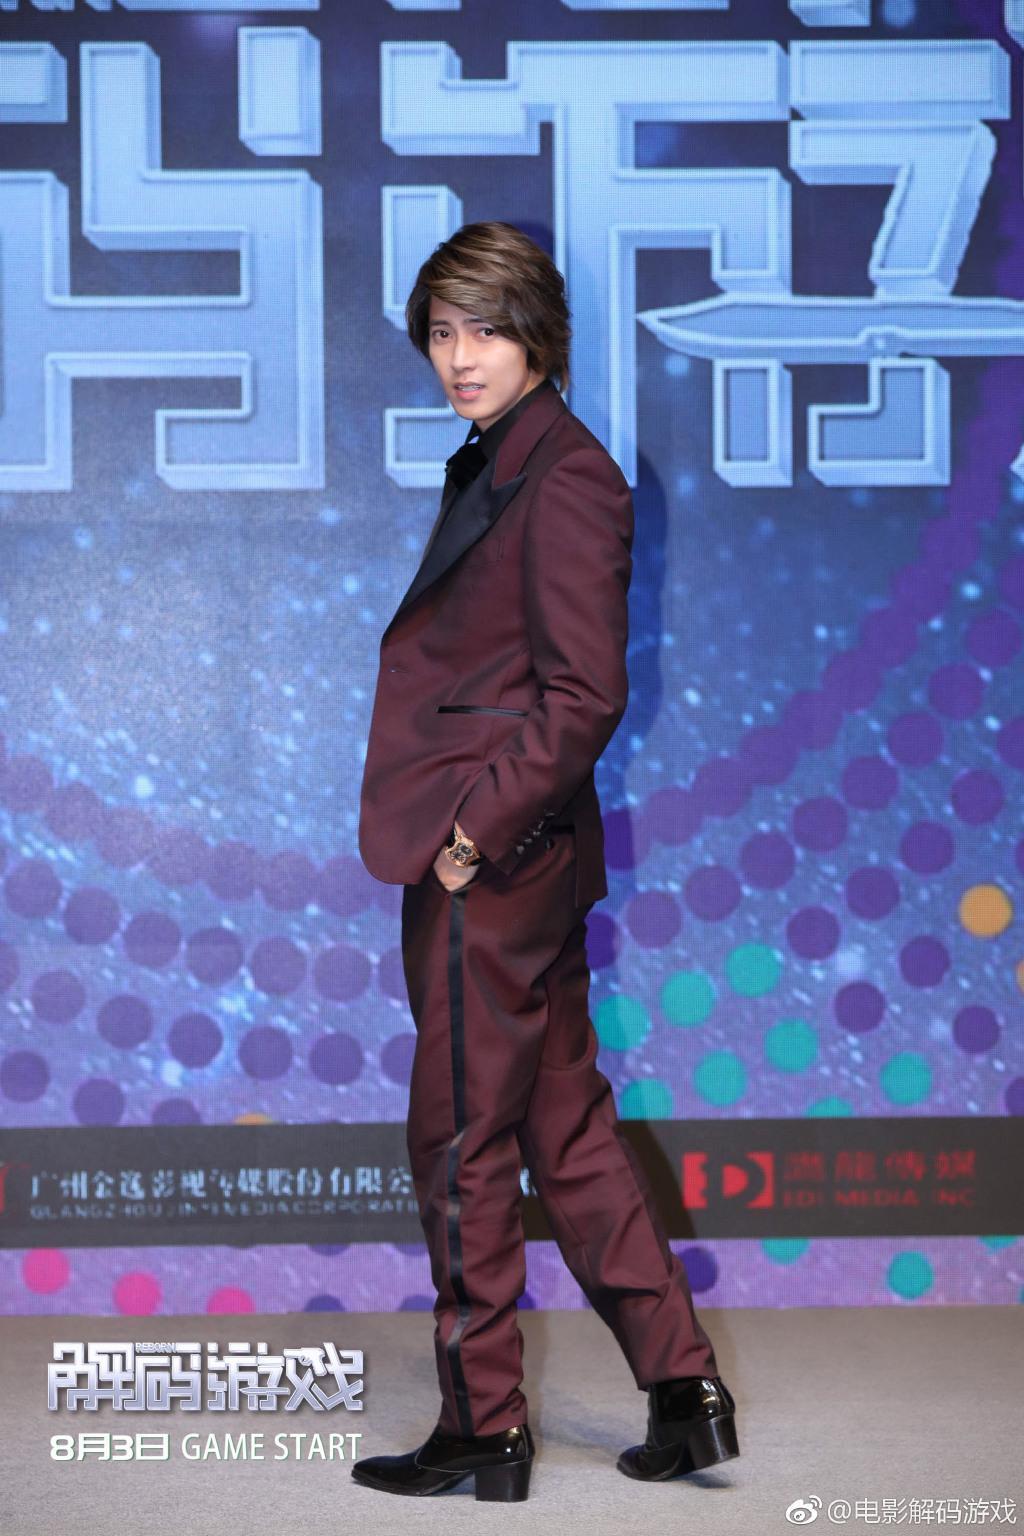 山下智久出席在上海舉辦的電影《解碼遊戲》記者會,擺出帥氣姿勢拍照。(翻攝自解碼遊戲微博)